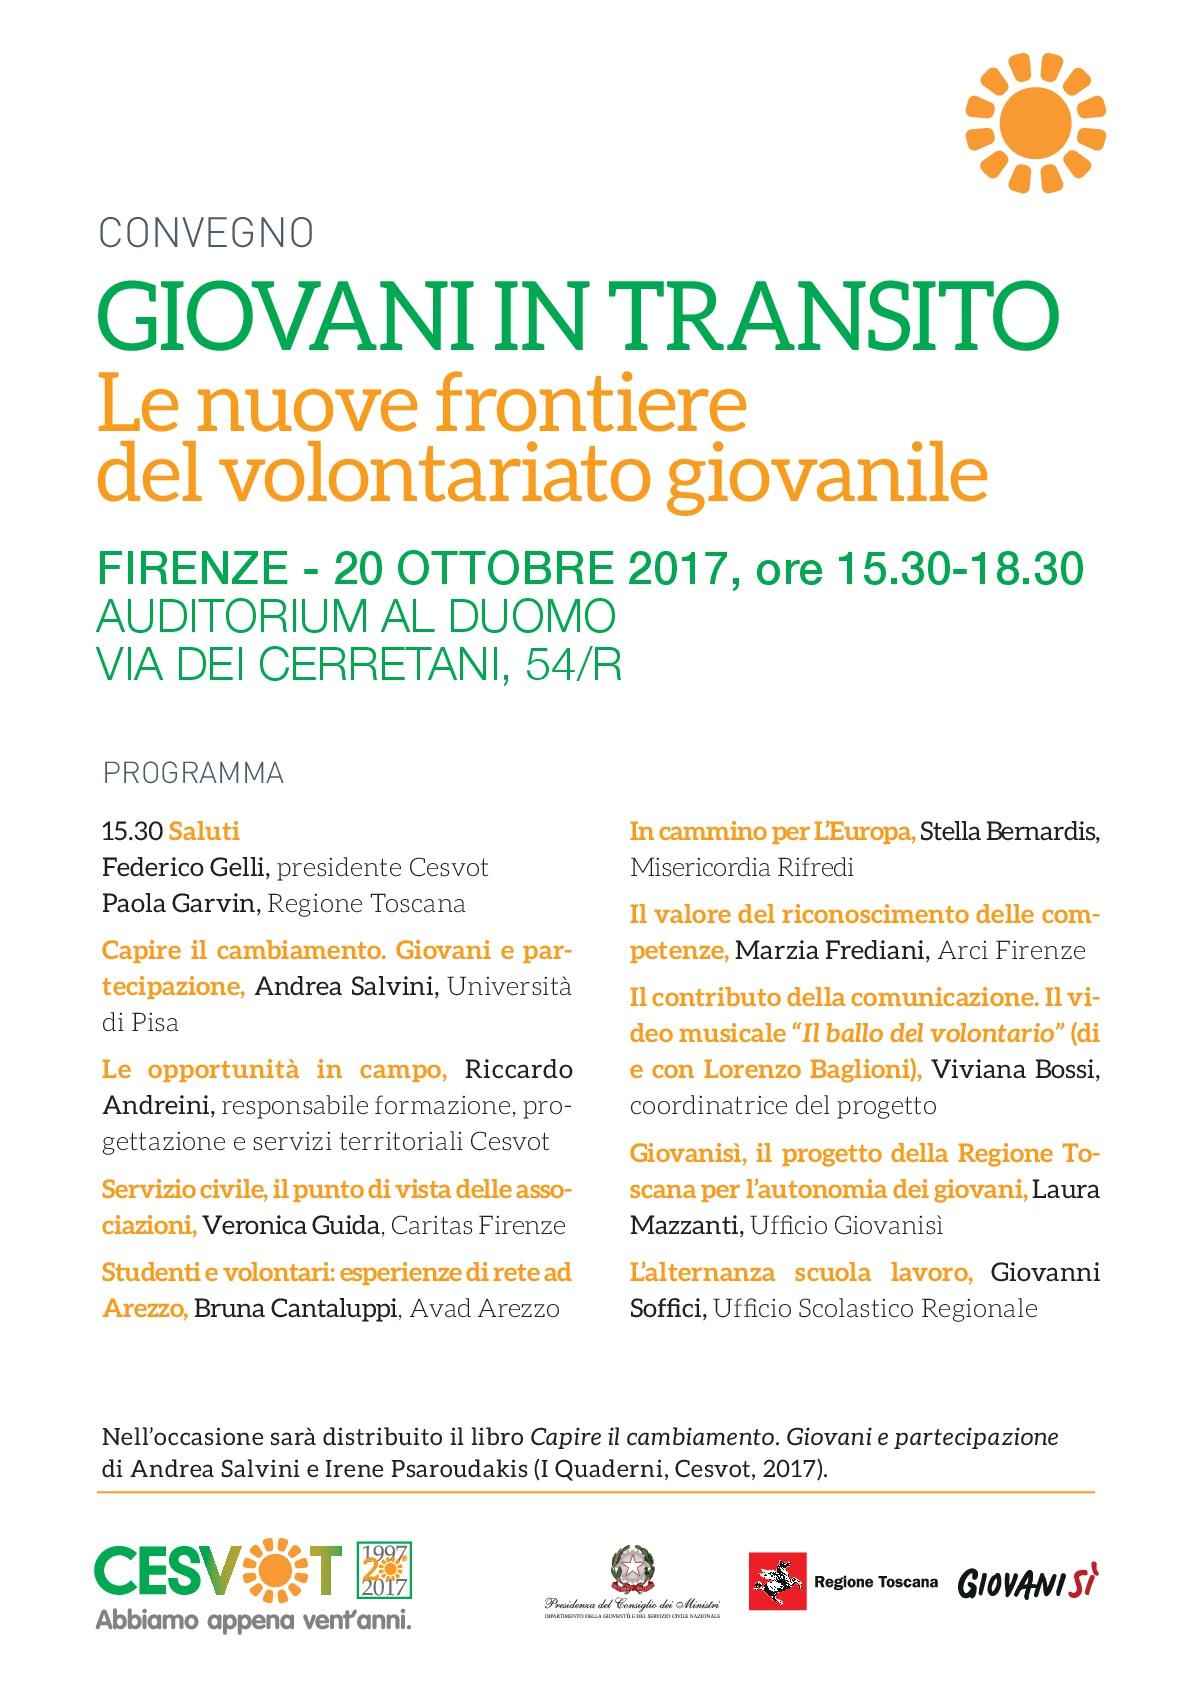 Cesvot convegno GIOVANI IN TRANSITO programma